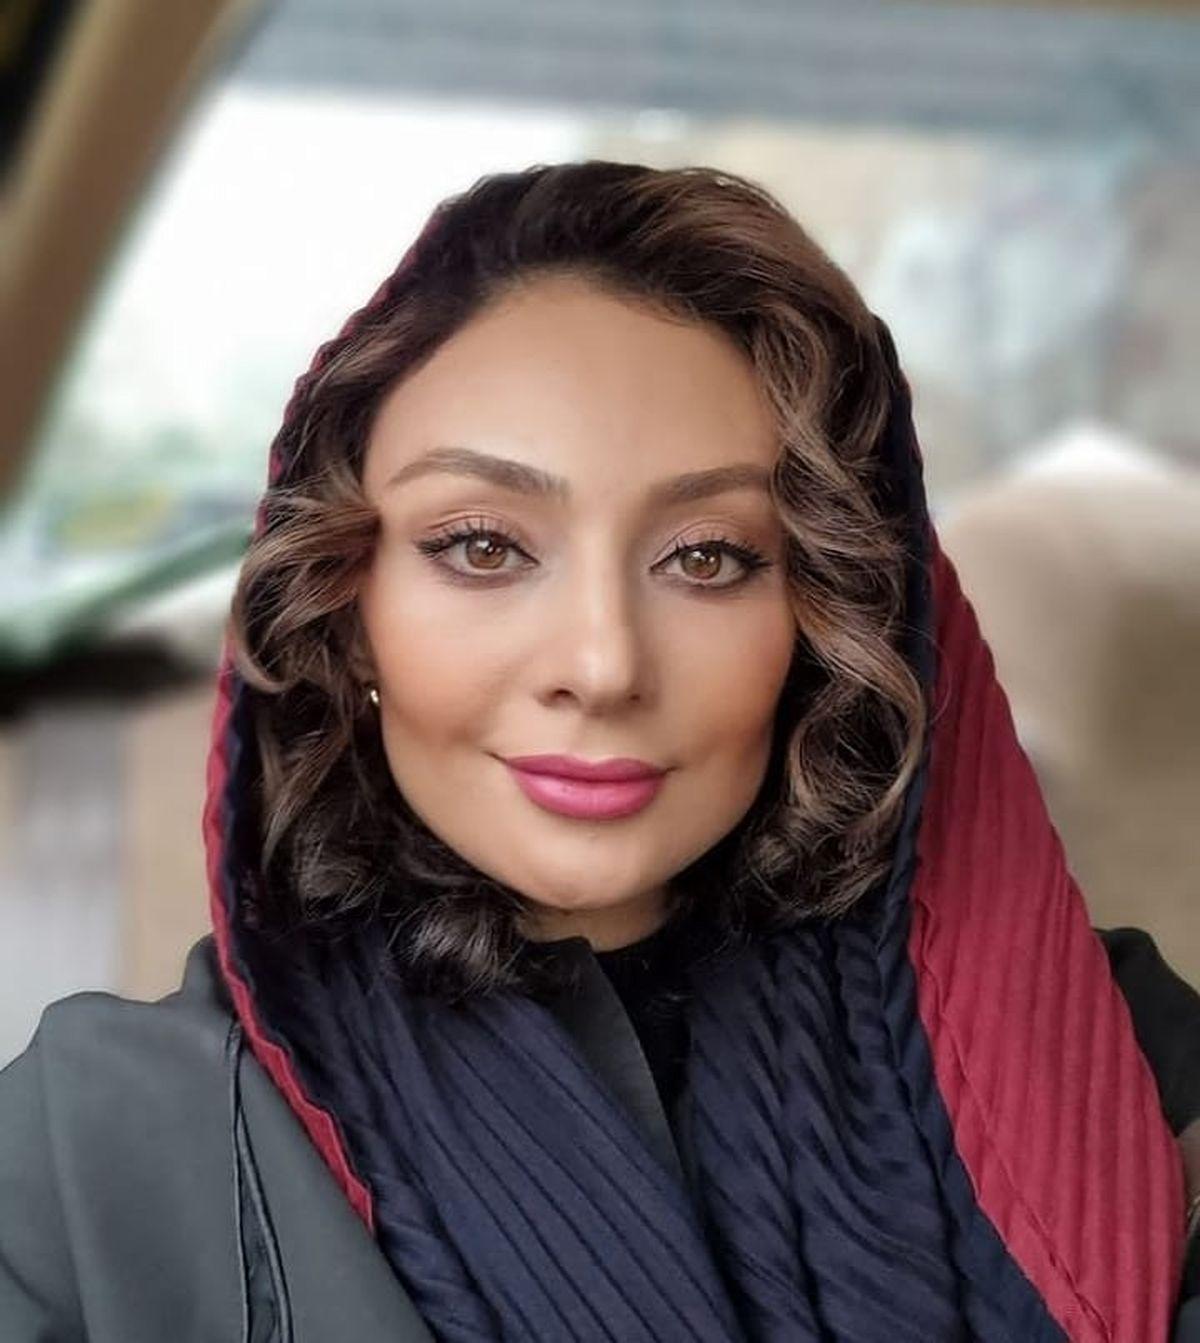 یکتا ناصر بعد از عمل زیبایی + عکس